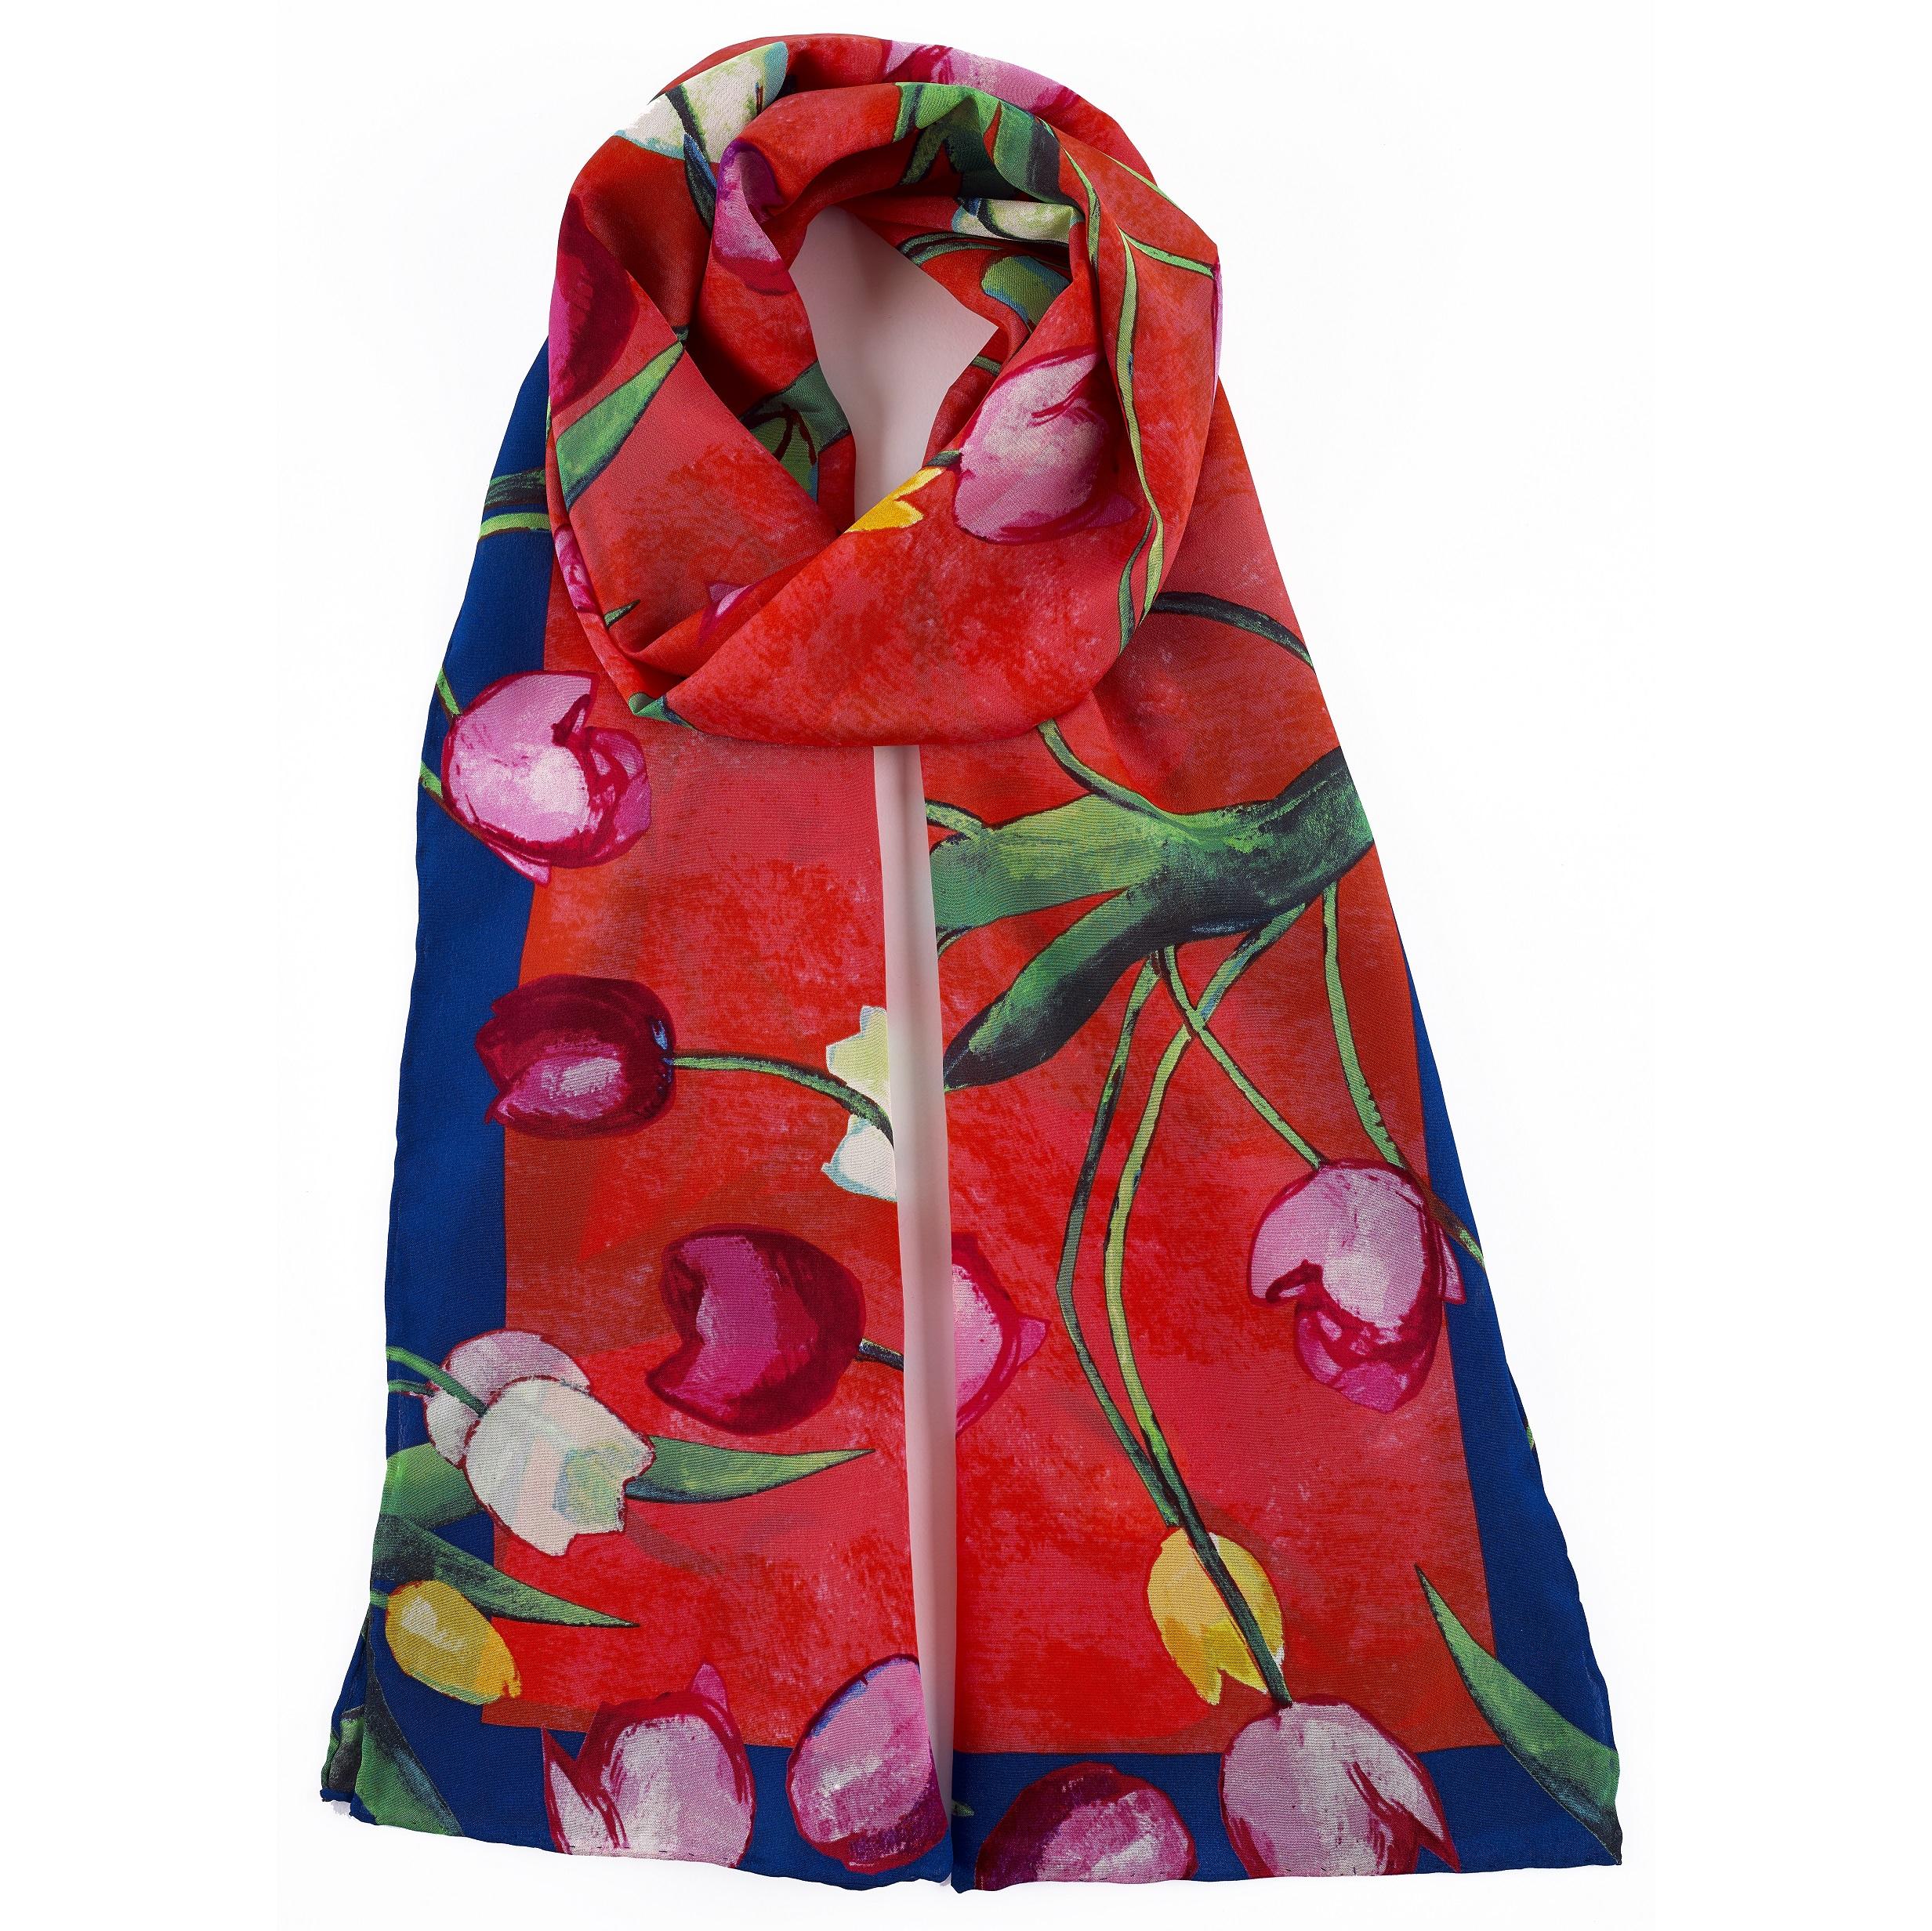 Tulips Samuel John Peploe Silk Scarf